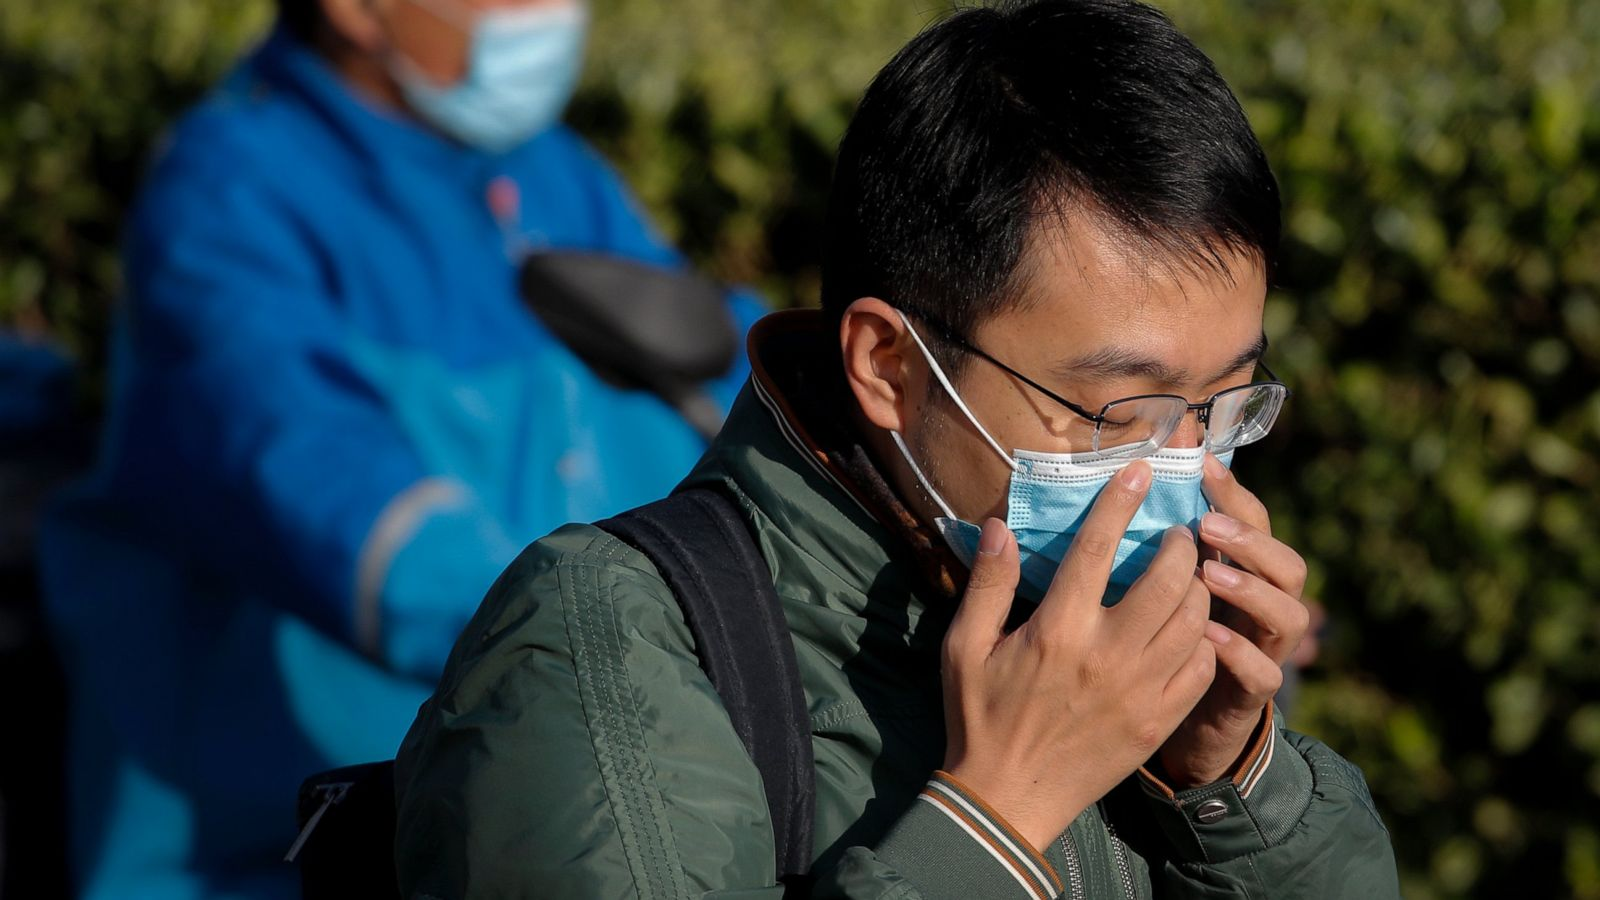 世卫回应新冠病毒存活28天:是在实验环境而非现实条件下进行的